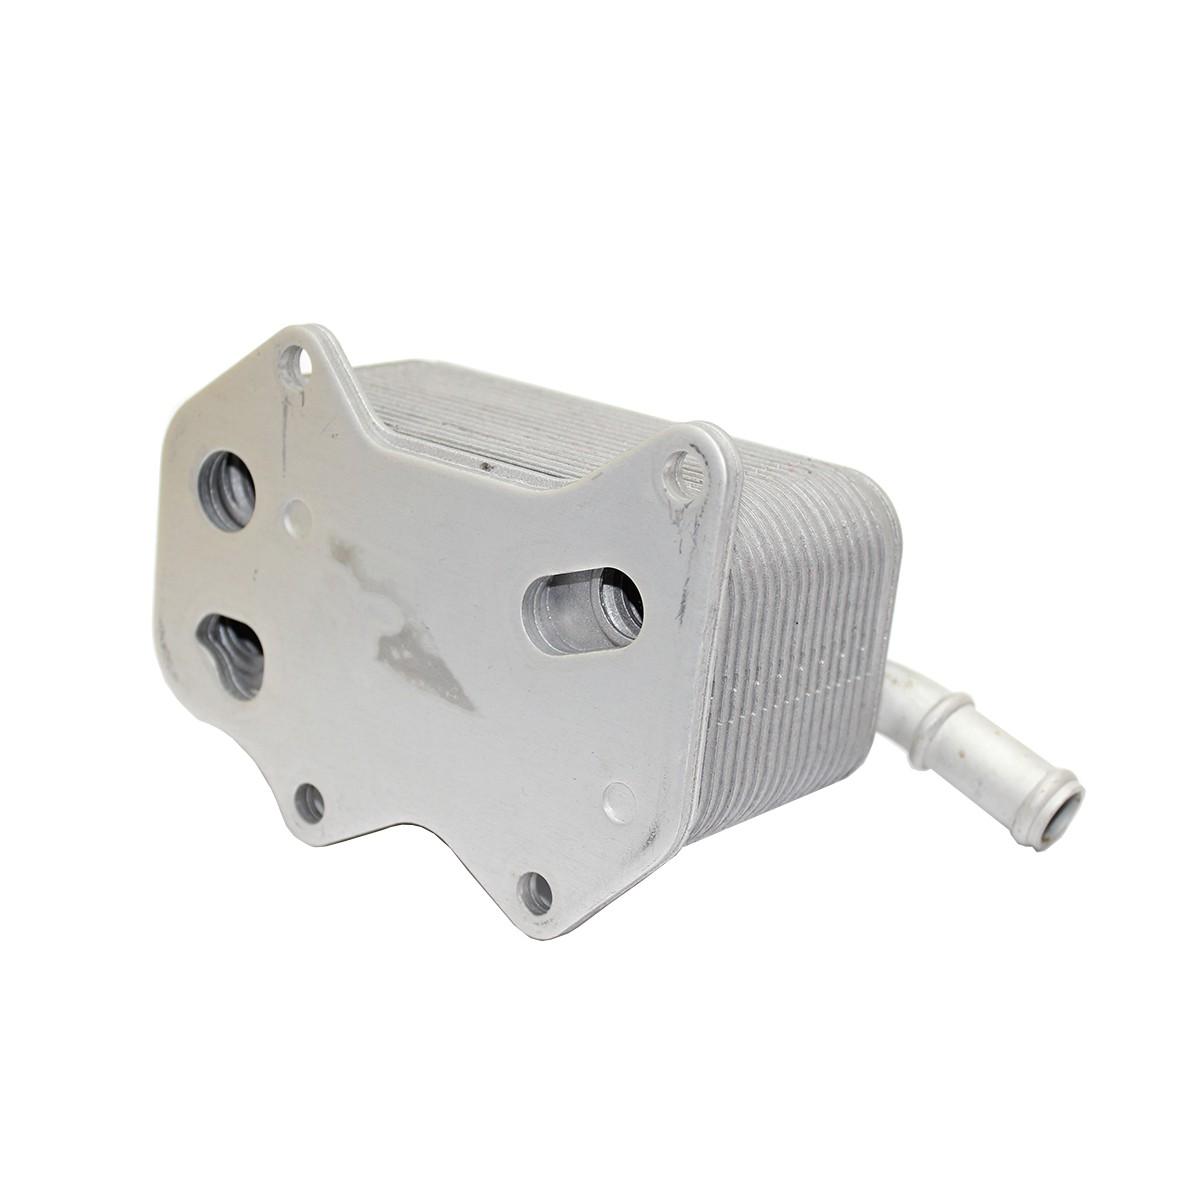 Resfriador de óleo / Trocador de calor - Audi A3 / A4 / TT - VW Passat / Golf